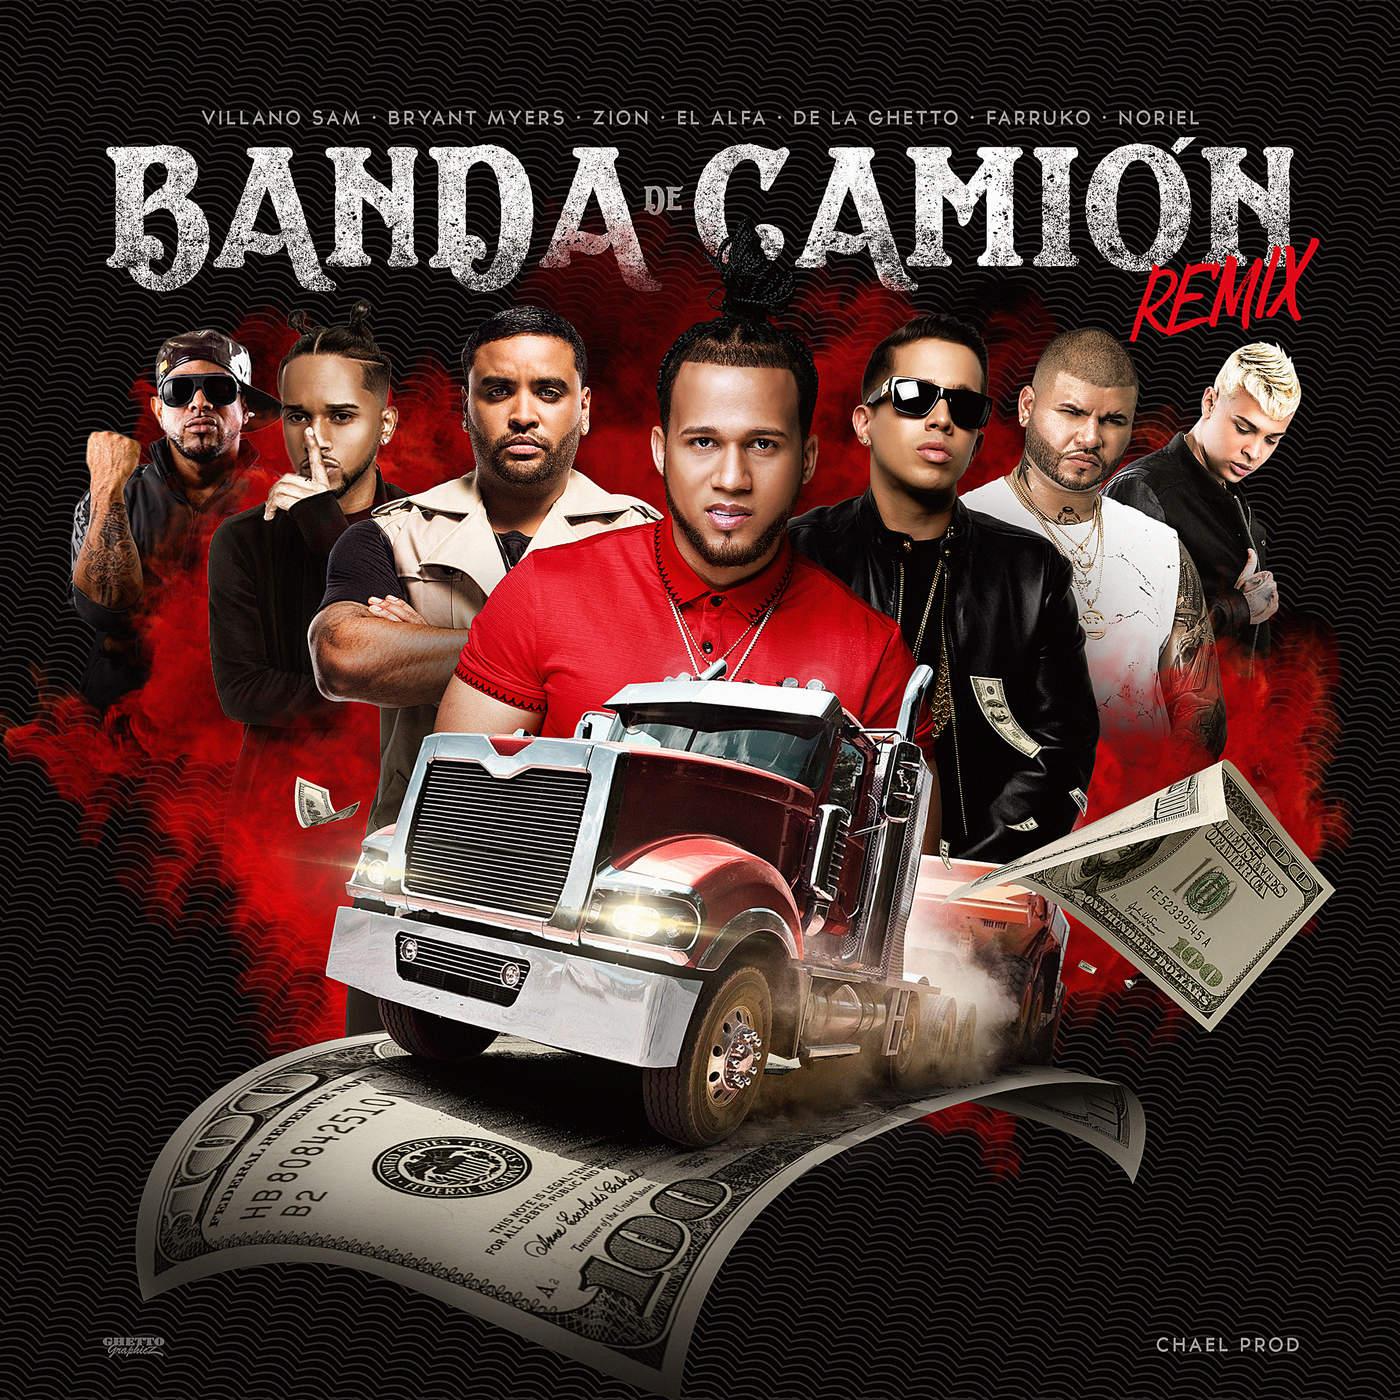 El Alfa, Farruko & De La Ghetto - Banda de Camión (Remix) [feat. Villano Sam, Bryant Meyers, Zion & Noriel] - Single